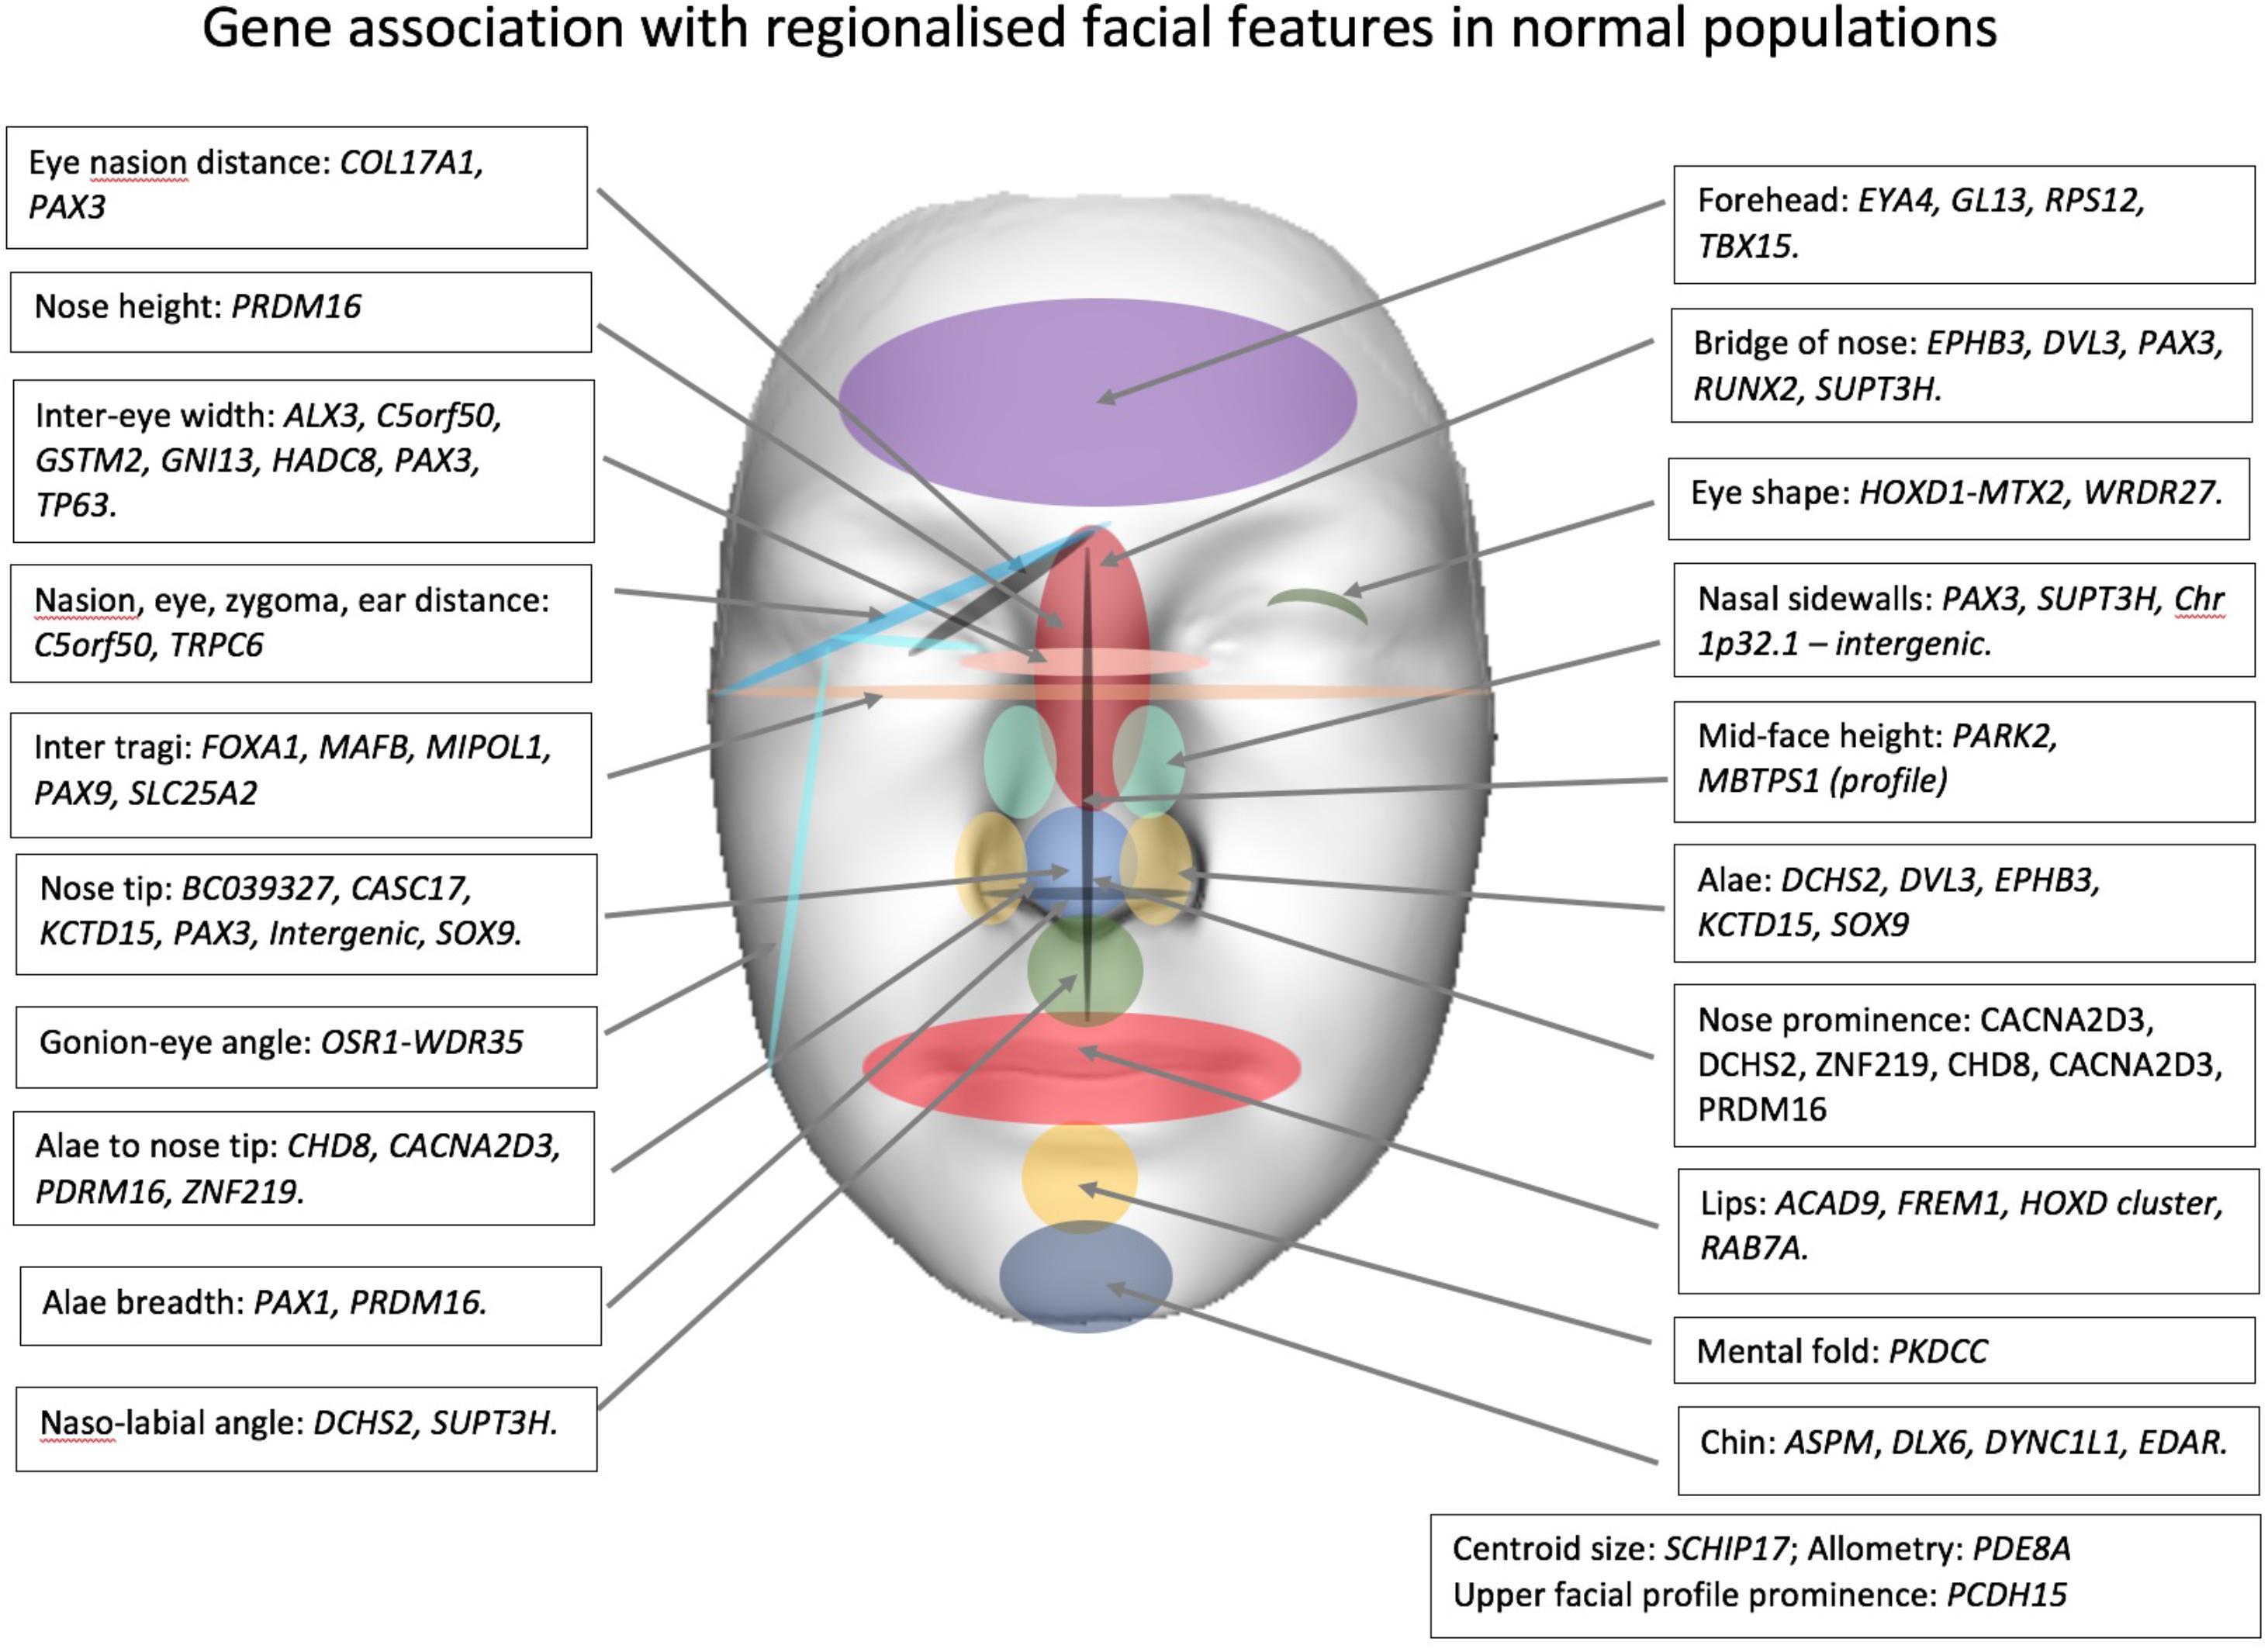 Какие гены отвечают за каждый фрагмент вашего лица